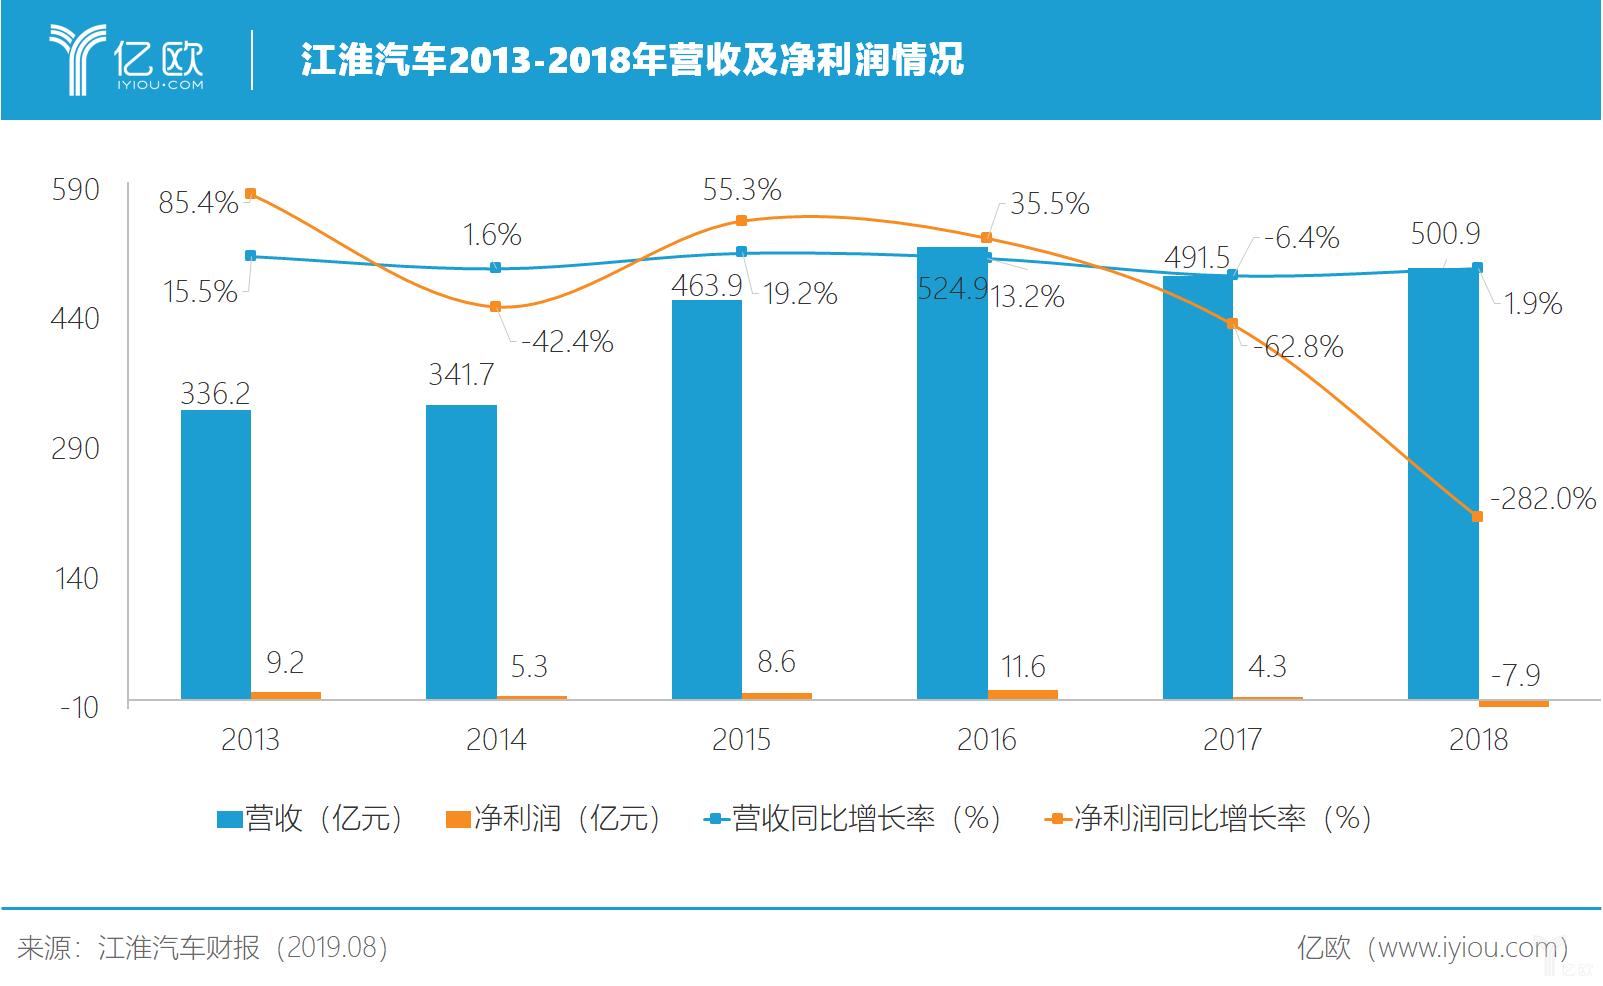 江淮汽车2013-2018年营收及净利润情况